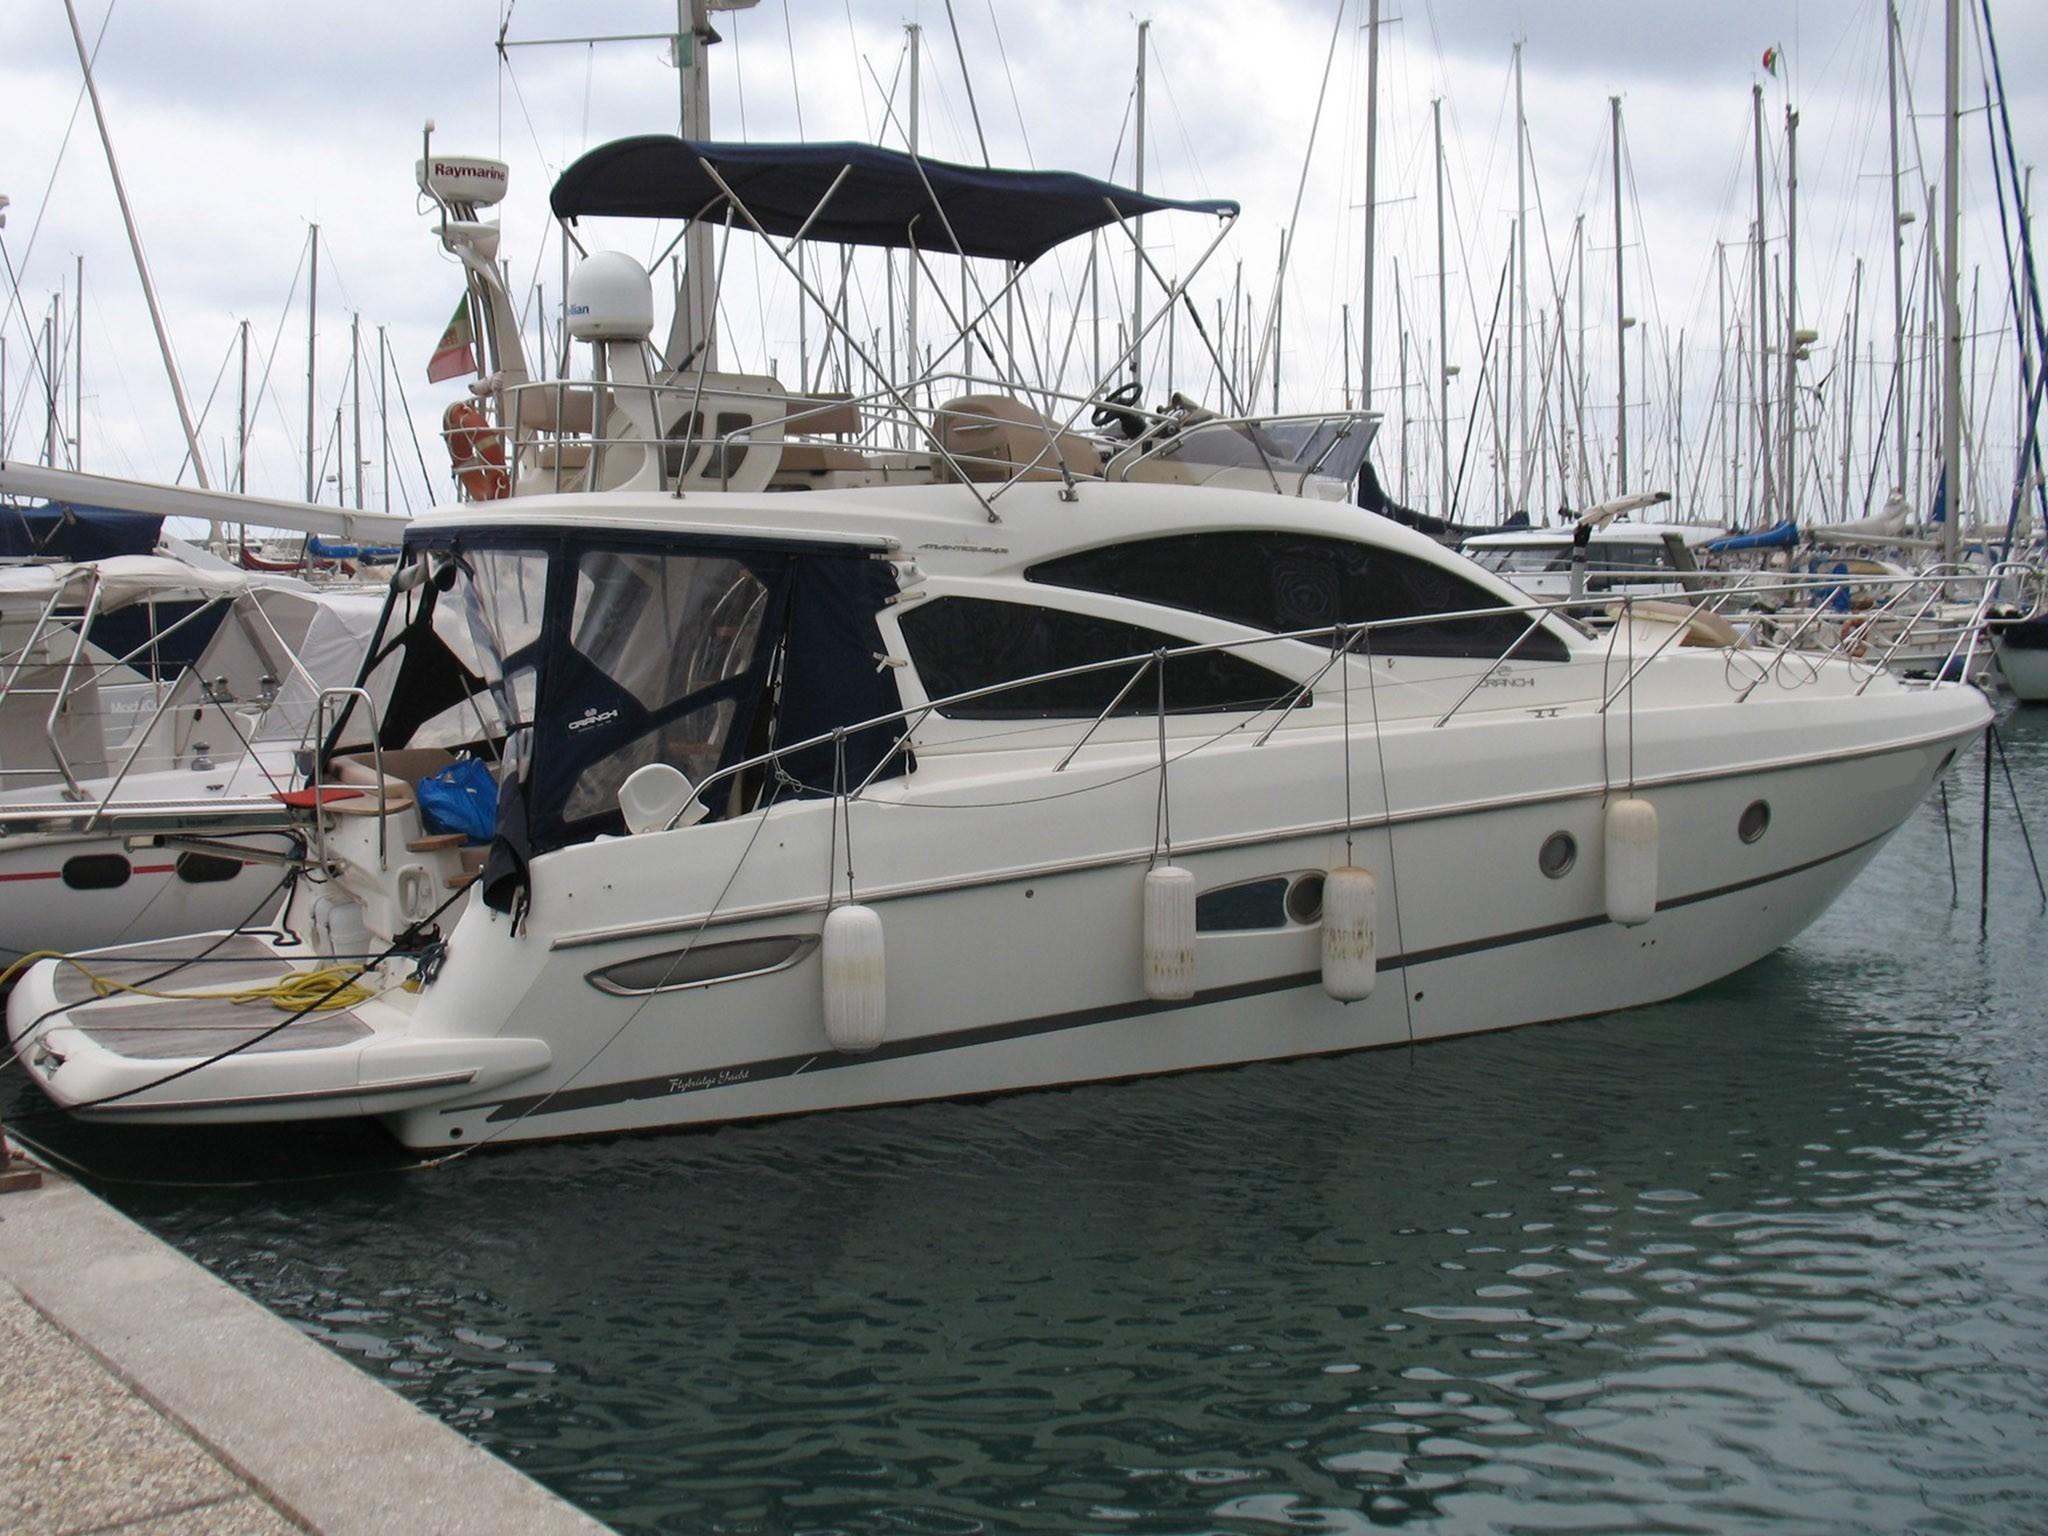 New arrival Cranchi Atlantique 43